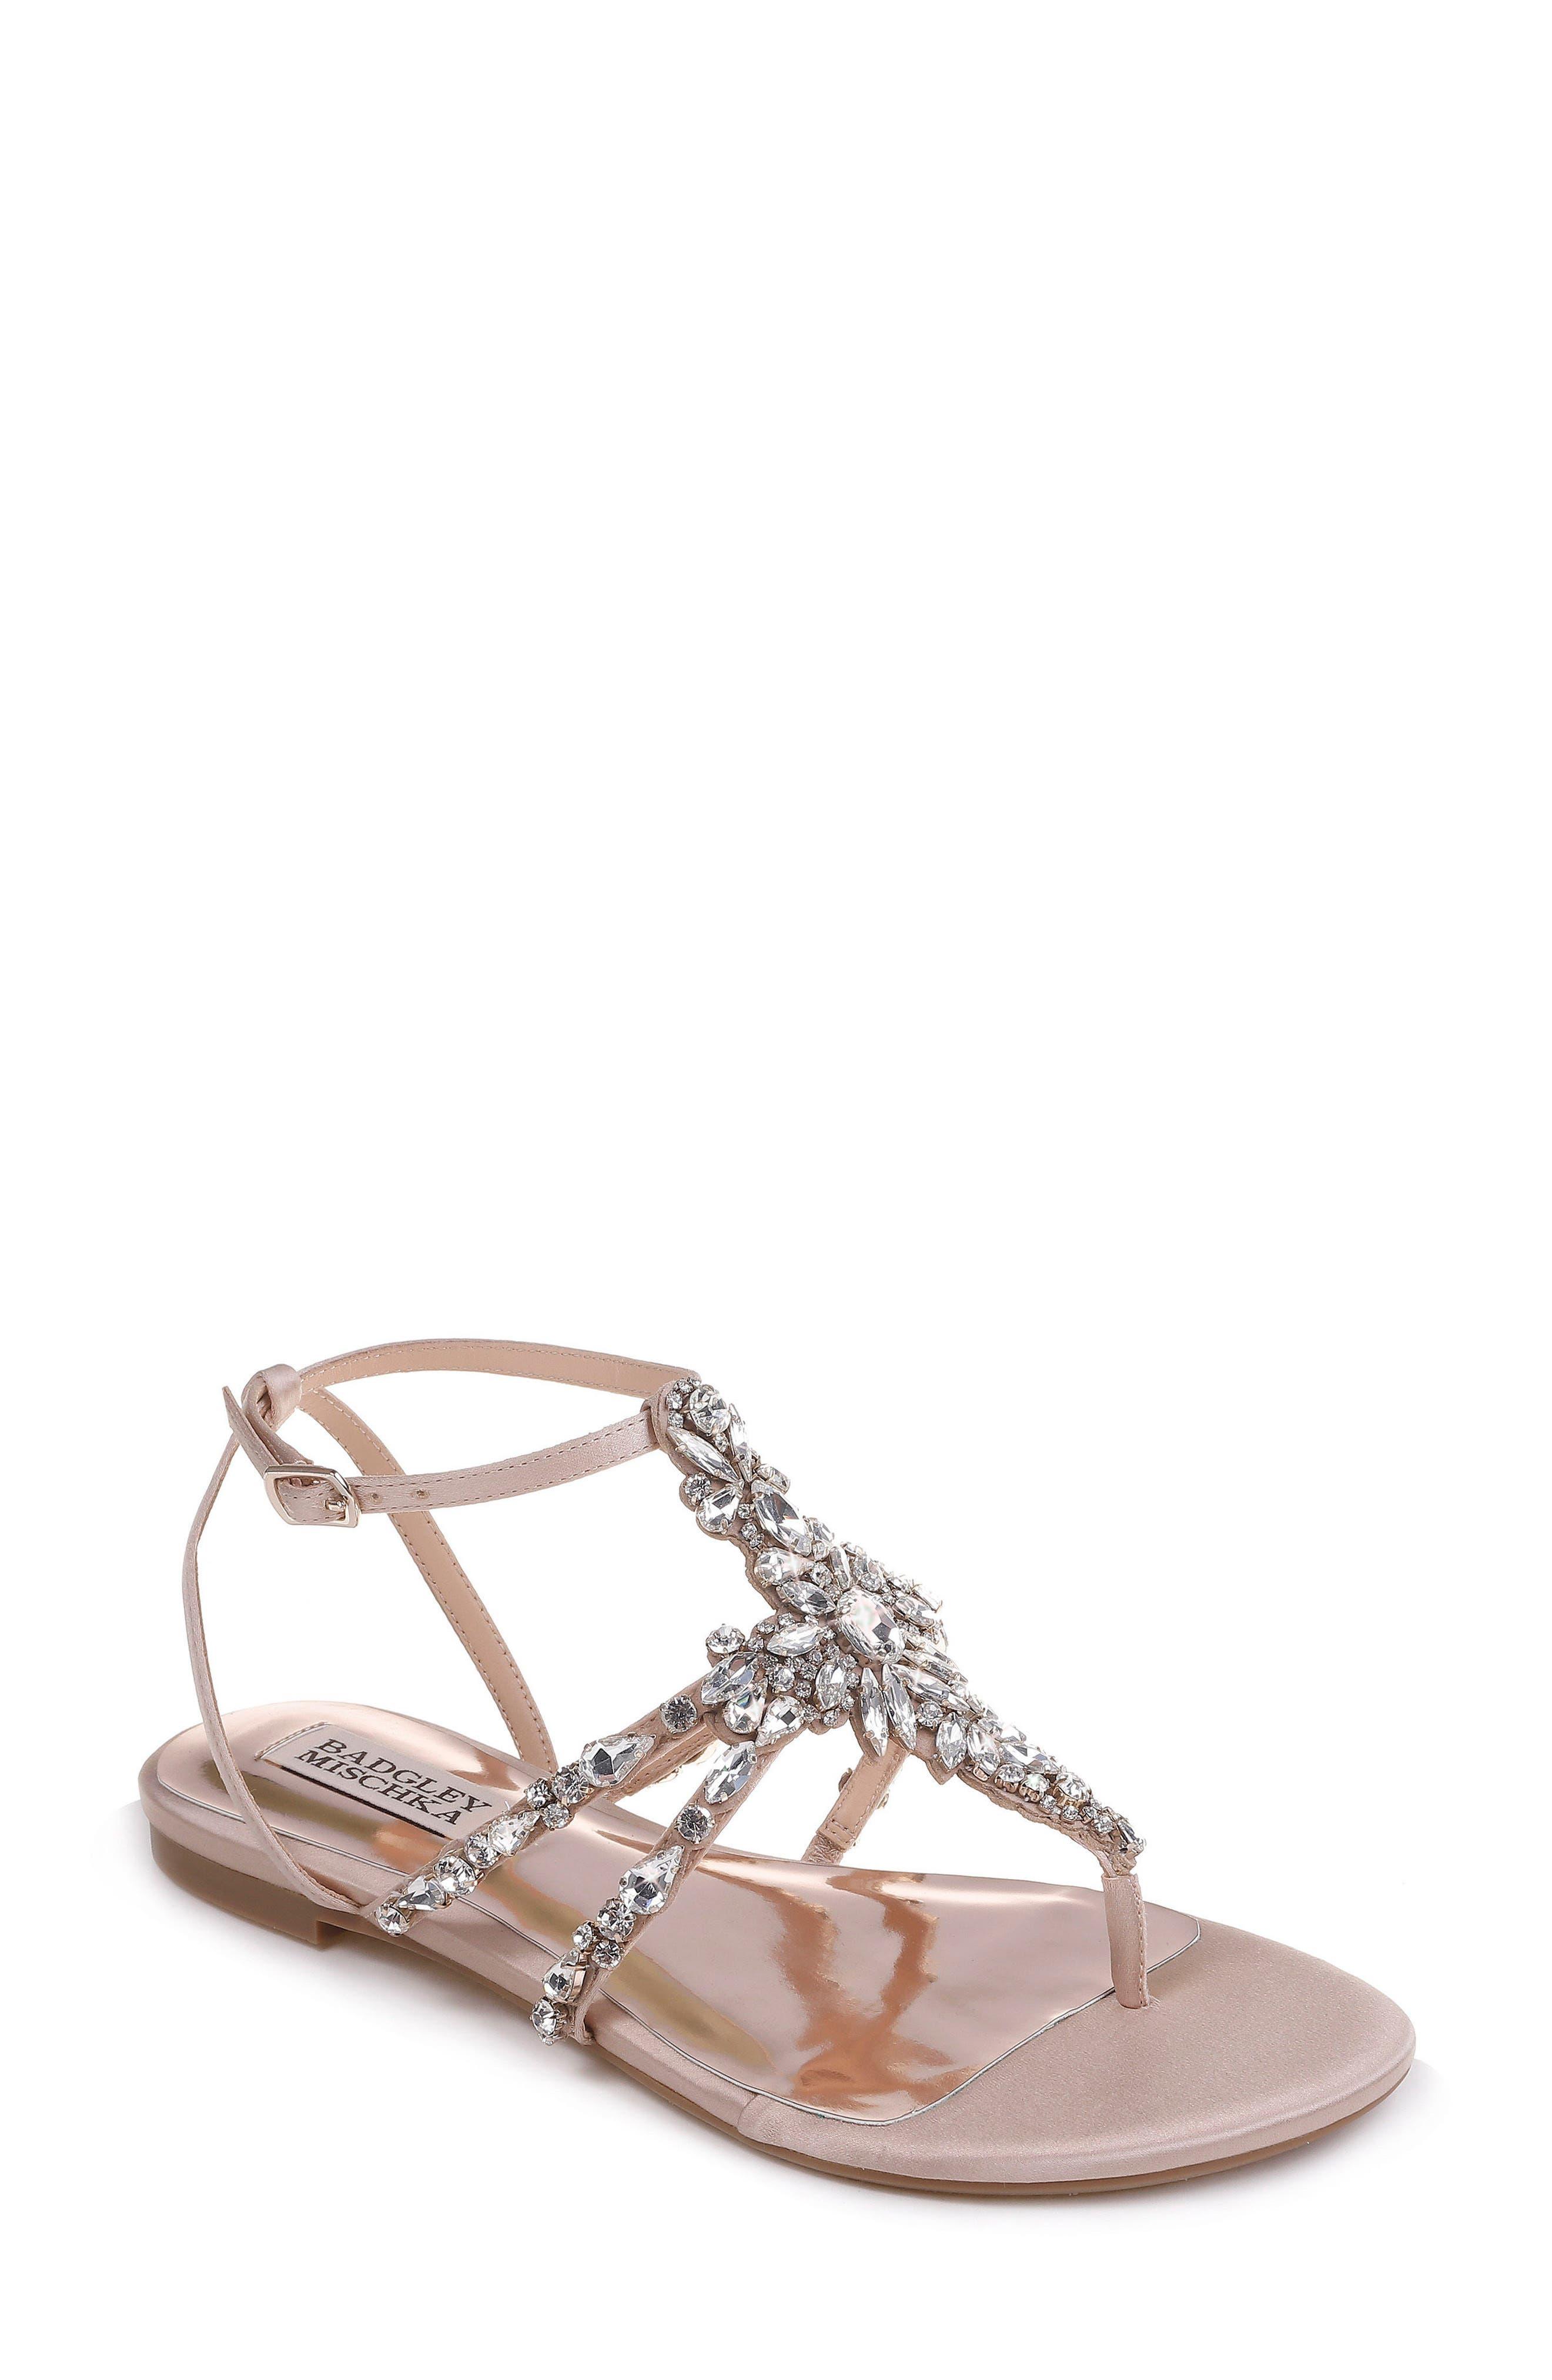 Hampden Crystal Embellished Sandal,                         Main,                         color, LATTE SATIN